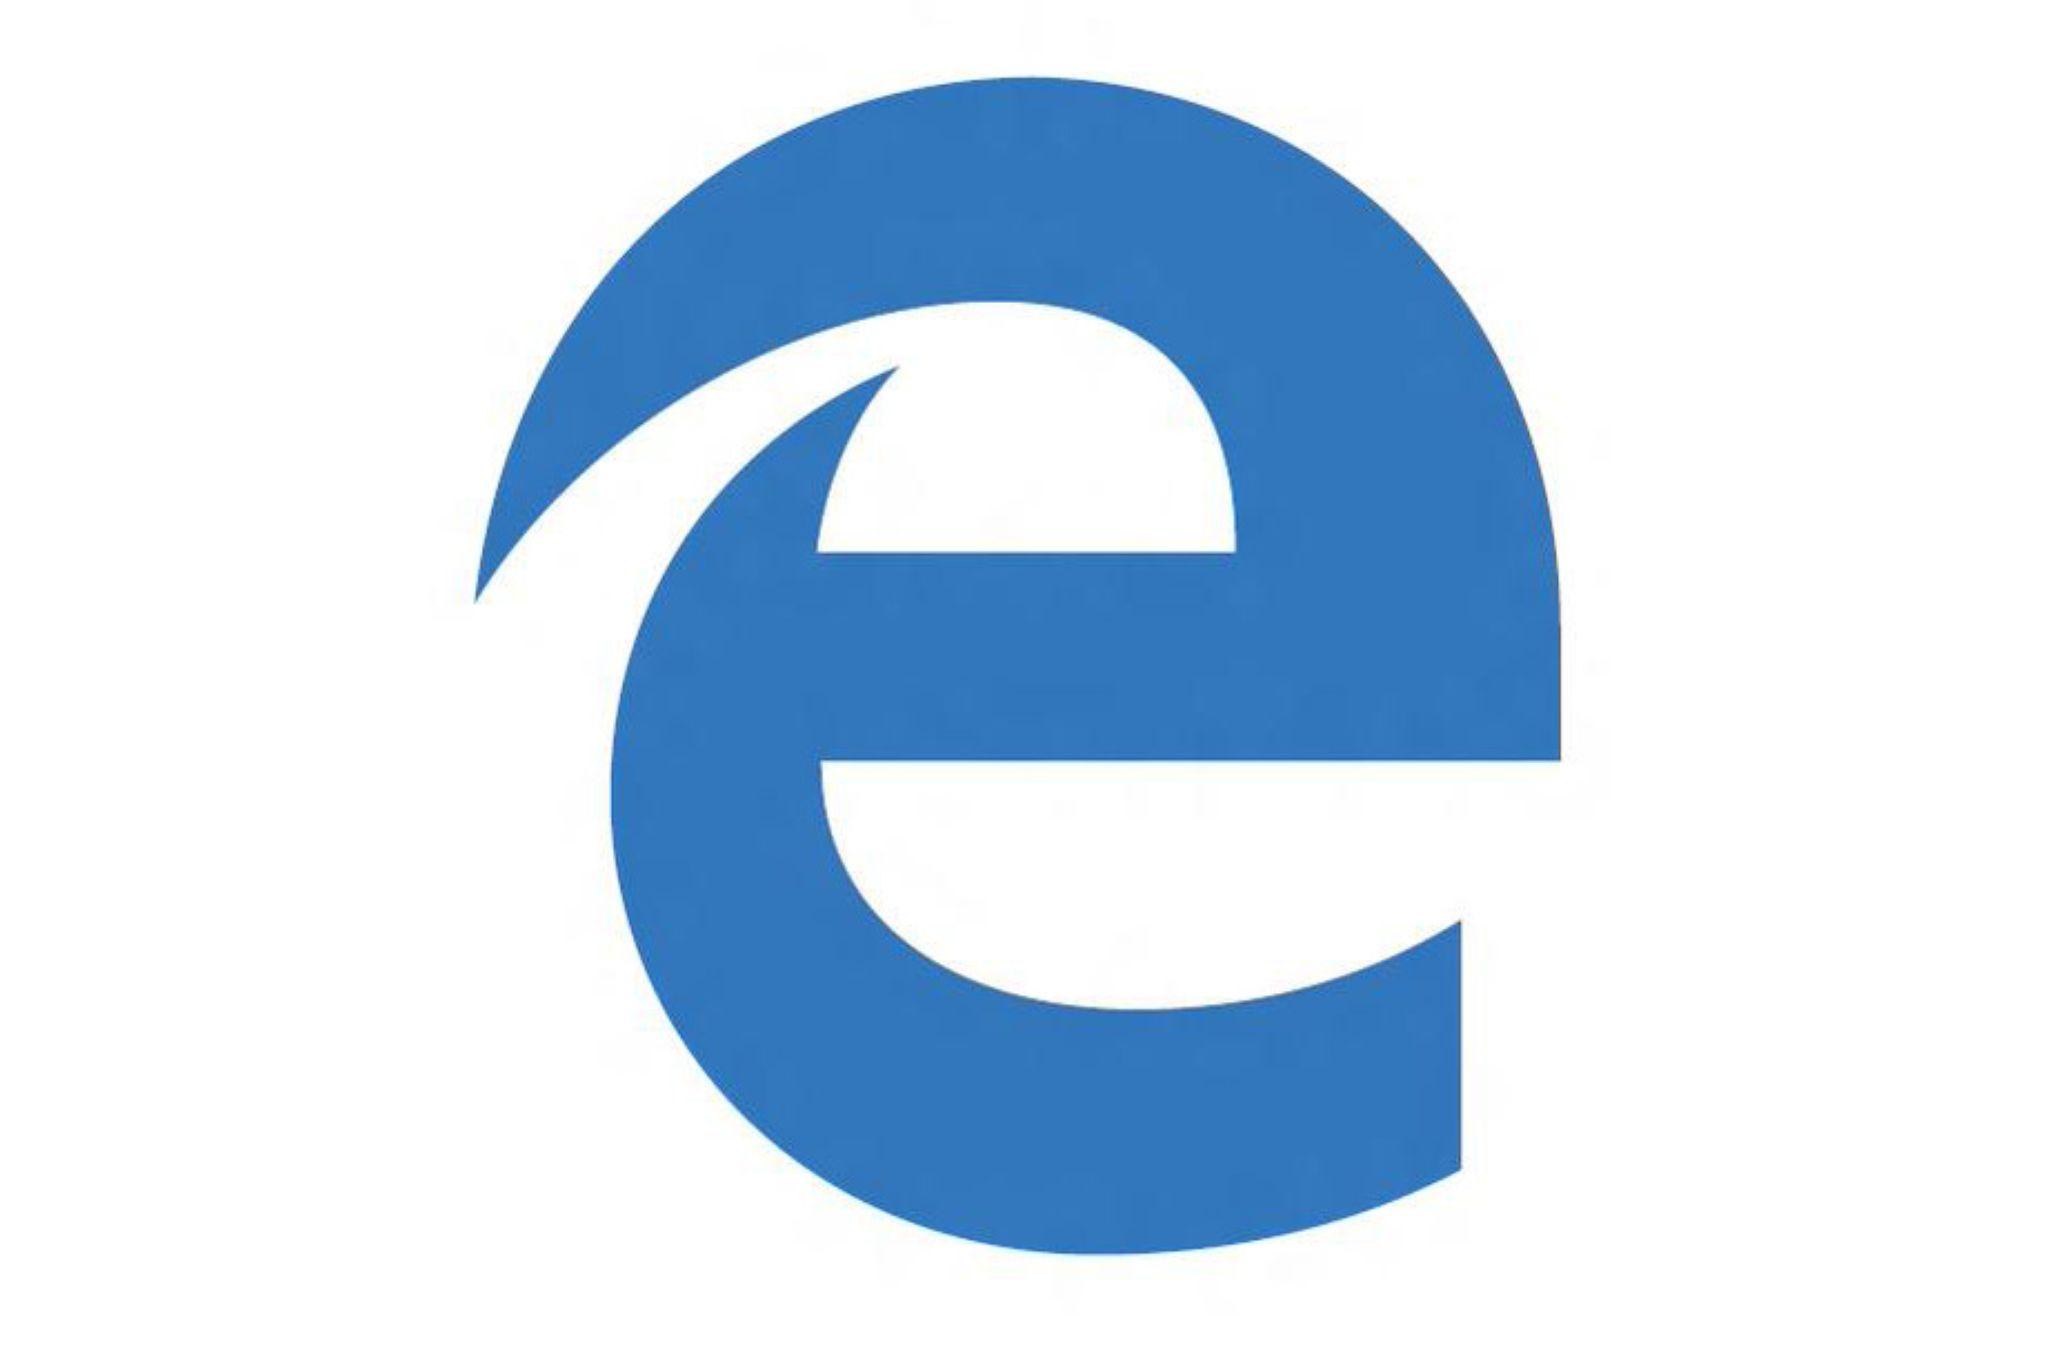 Microsoft ohlásil podporu VP9 v Edge, Ogg, Vorbis, Opus a